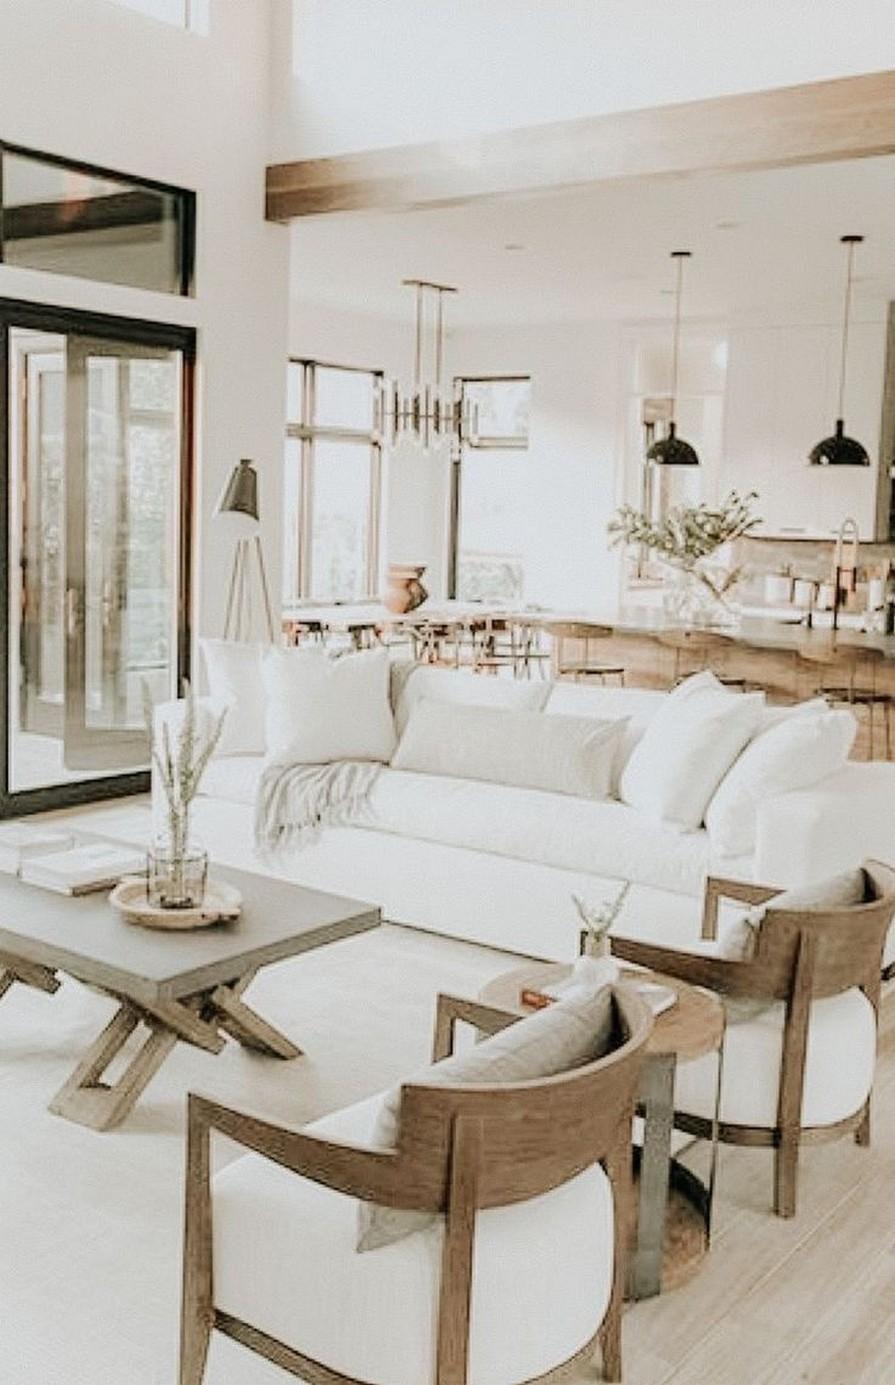 12 Modern Farmhouse Interior Home Decor 12